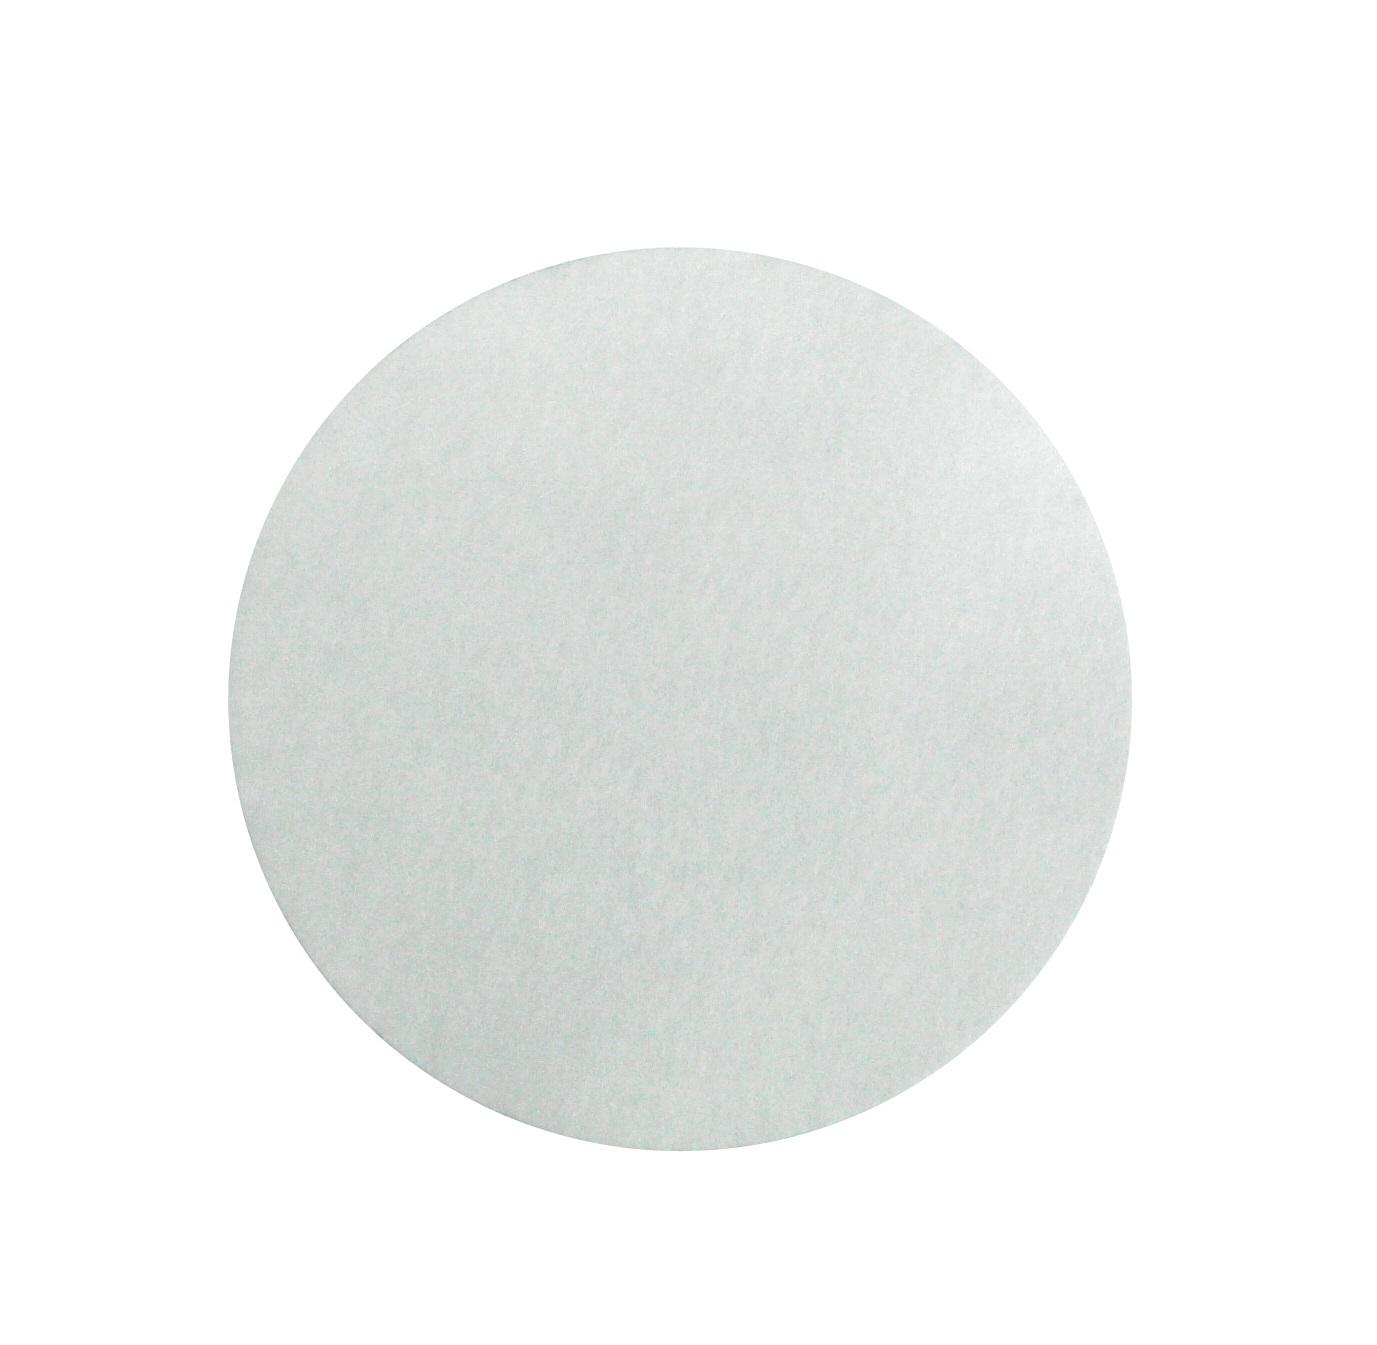 Stikla šķiedras filtrpapīrs